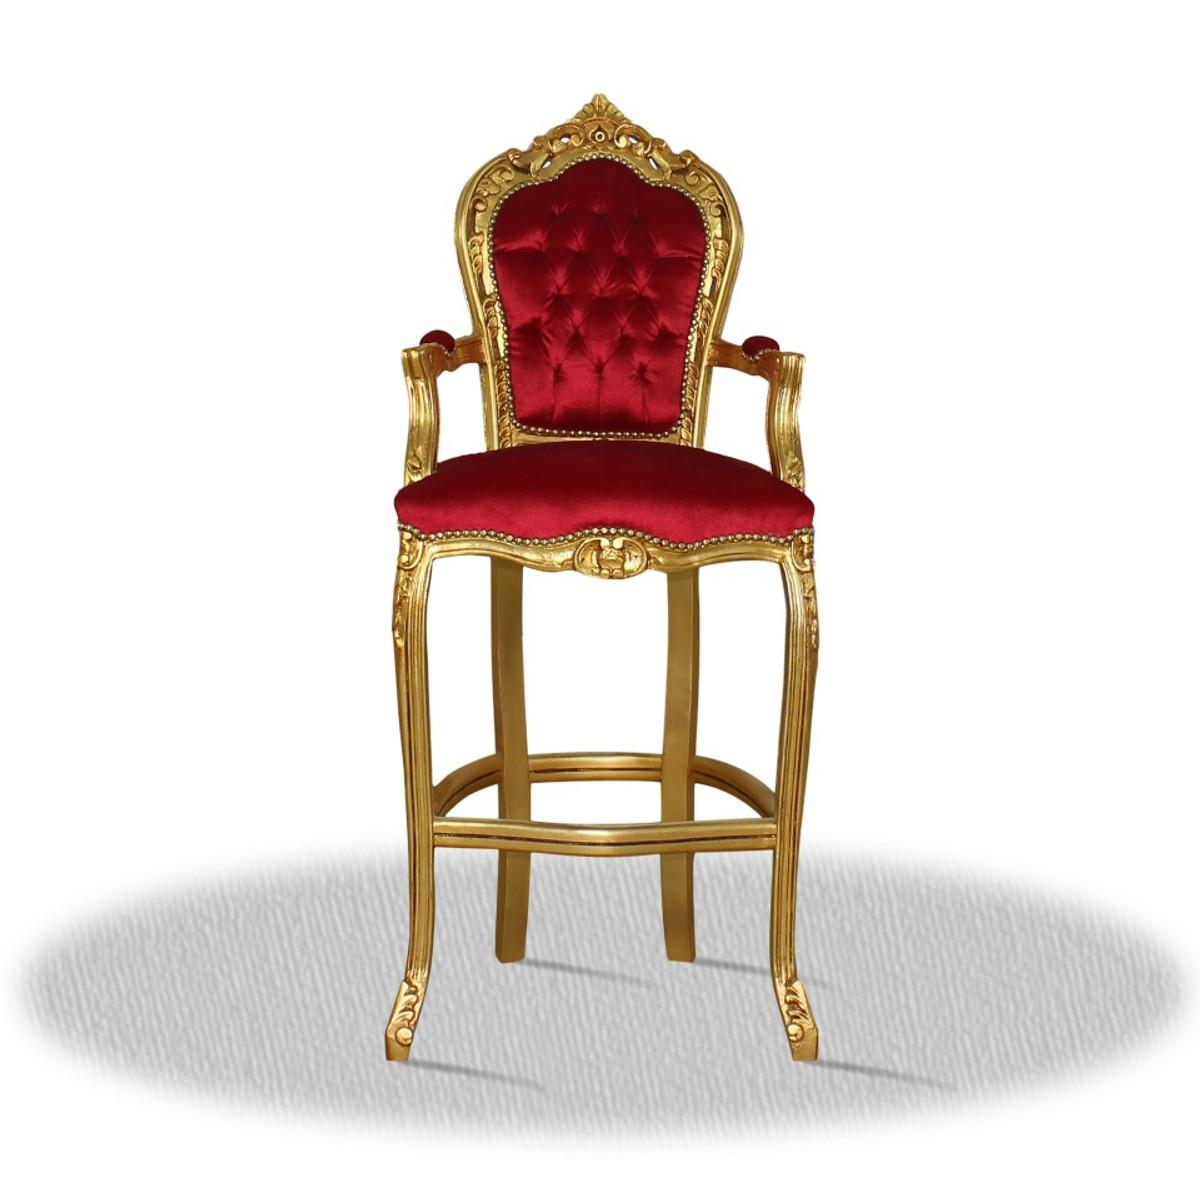 casa padrino chaise haute baroque tabouret de bar or rouge 55 x 50 x h 140 cm edition limitee